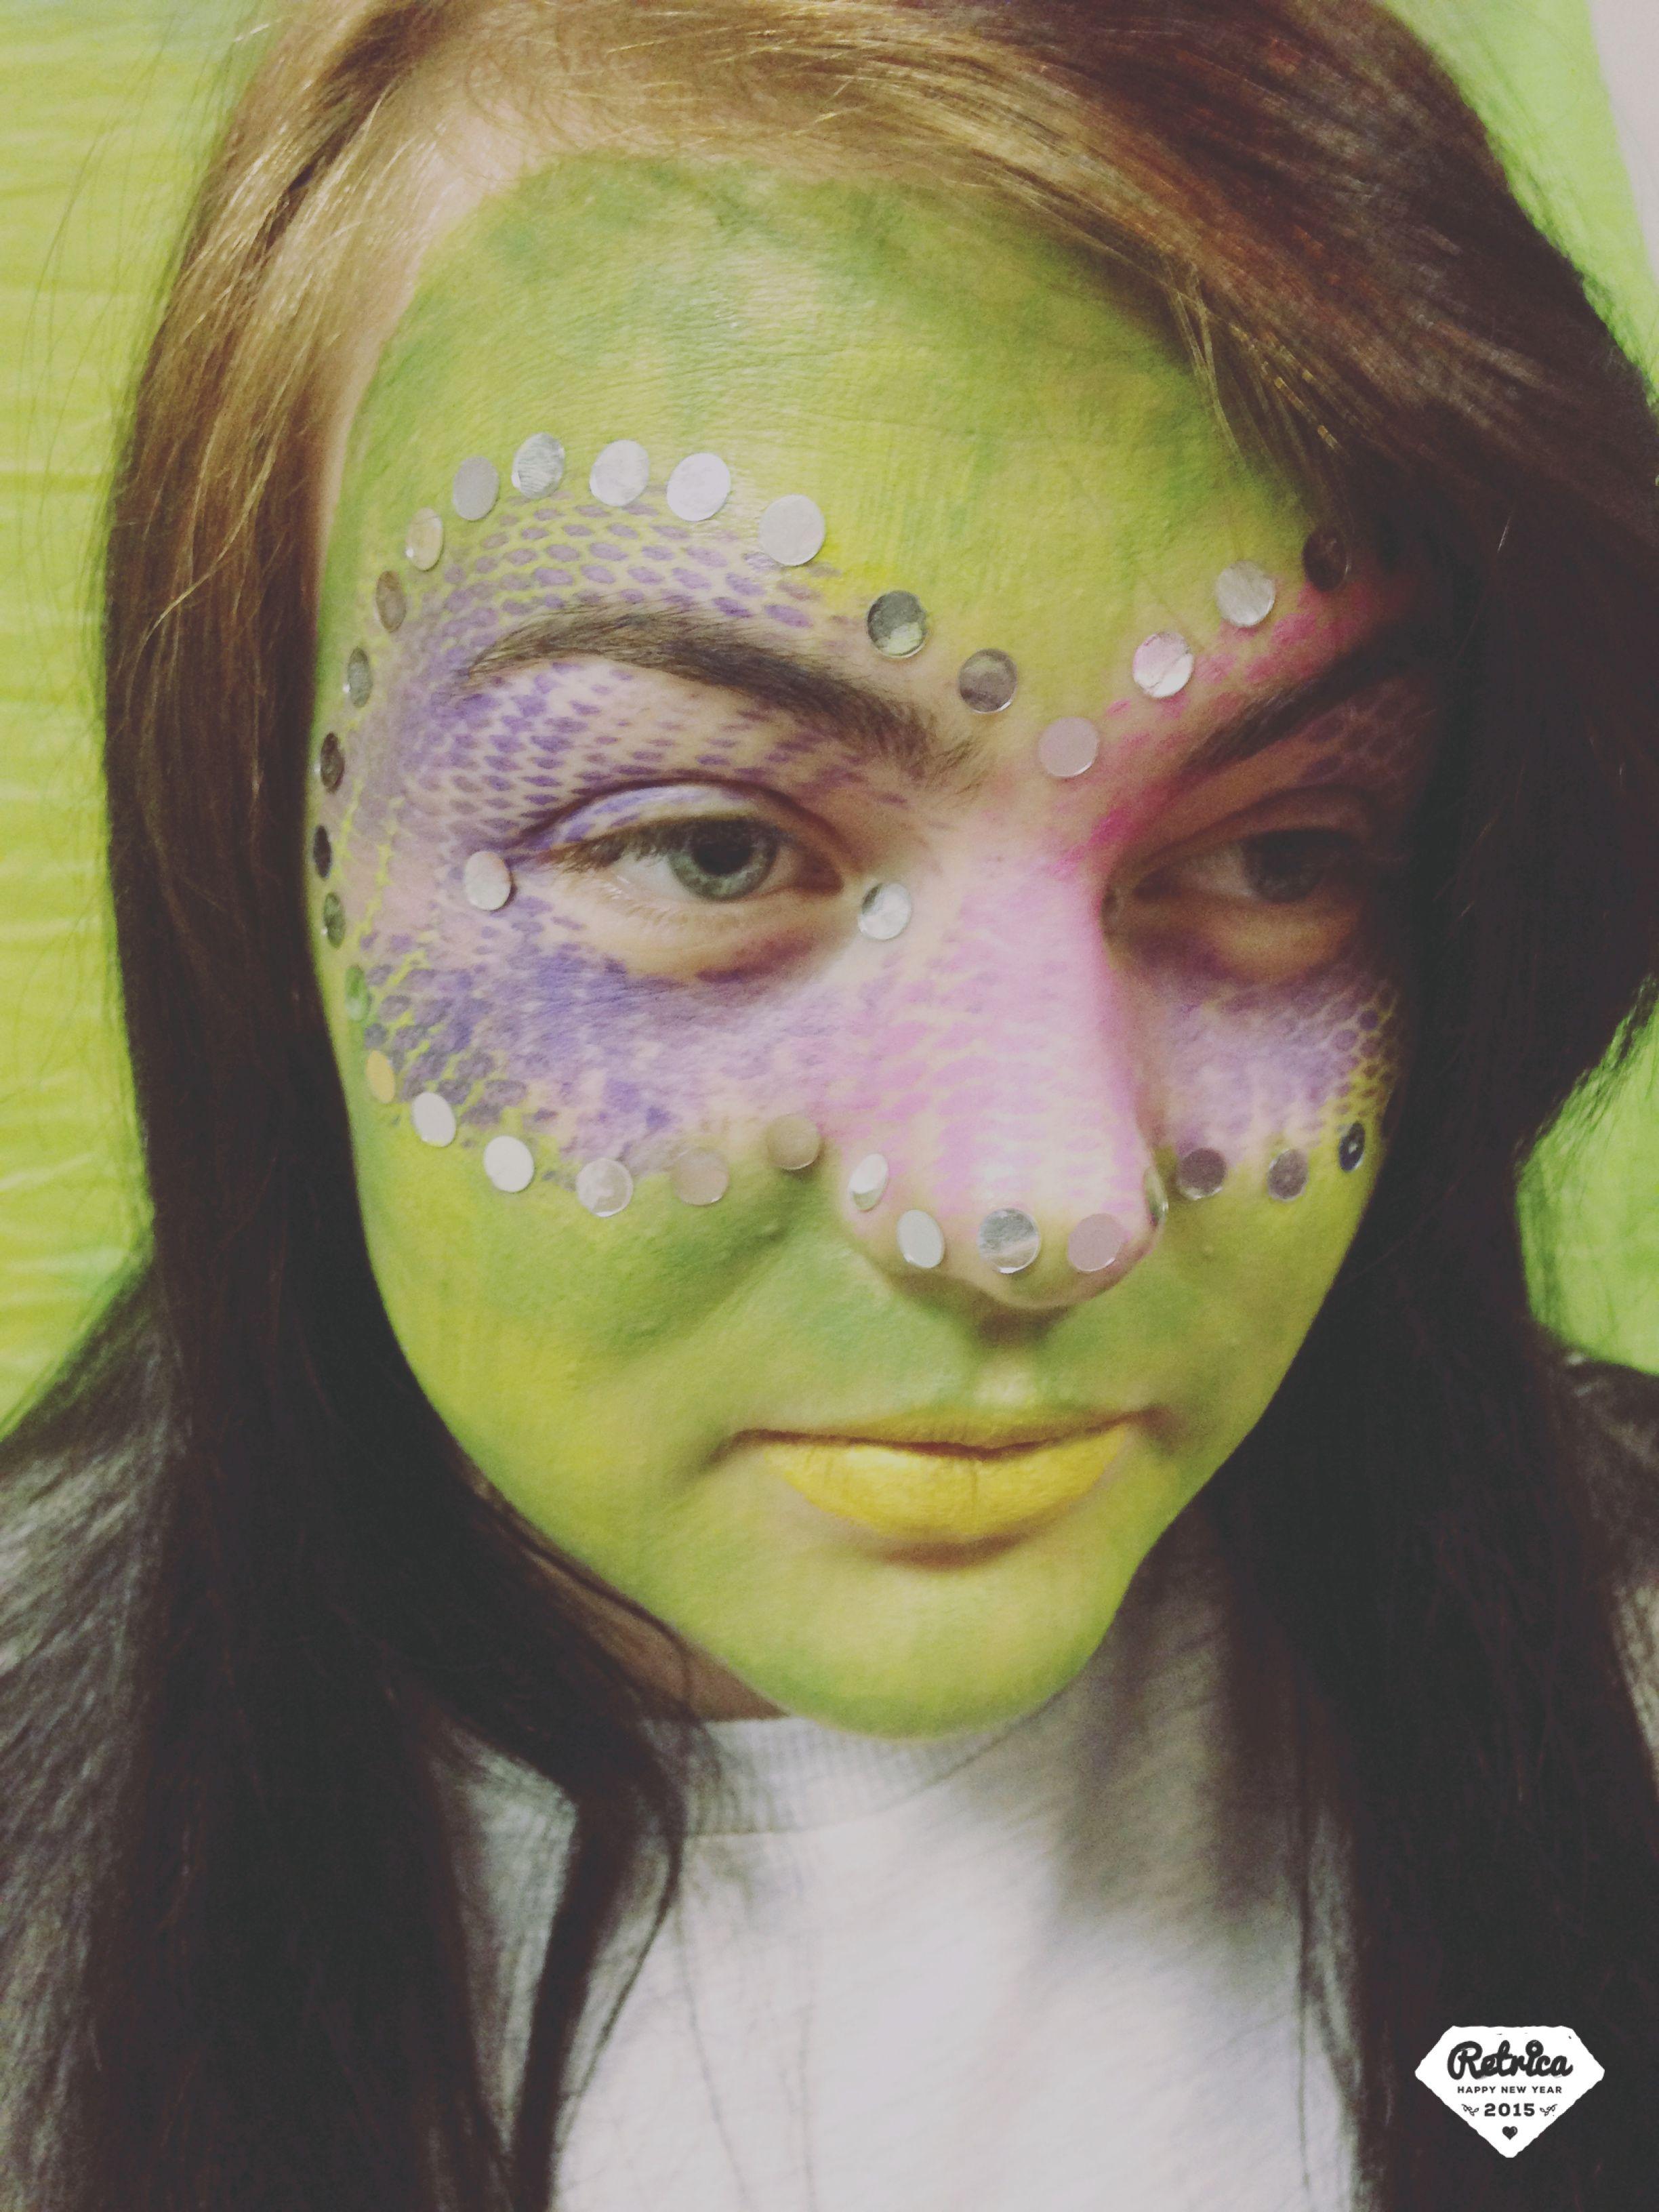 Kryolan makeup on Alisha